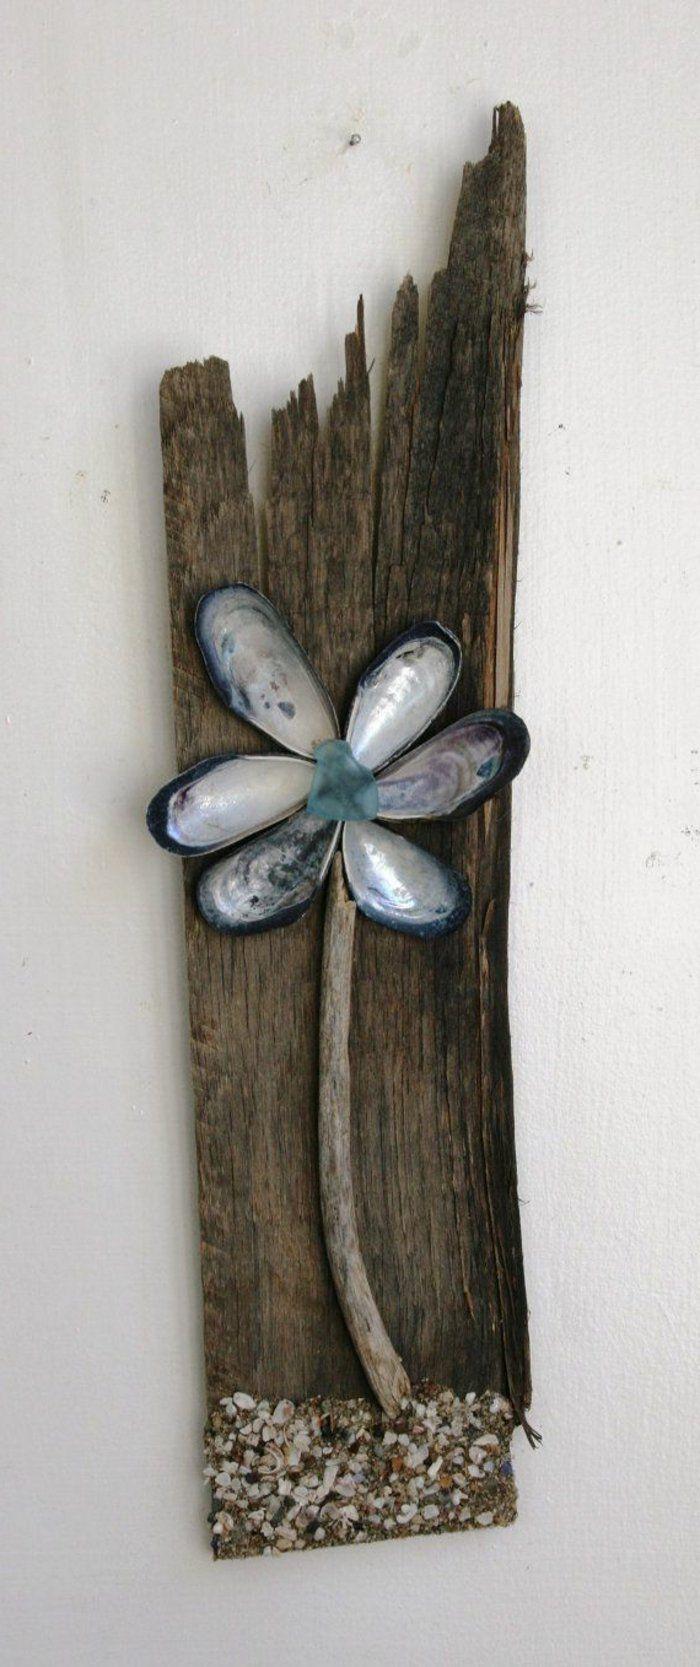 Déco bois flotté bleu lampe en bois flotté cadre bois flotté